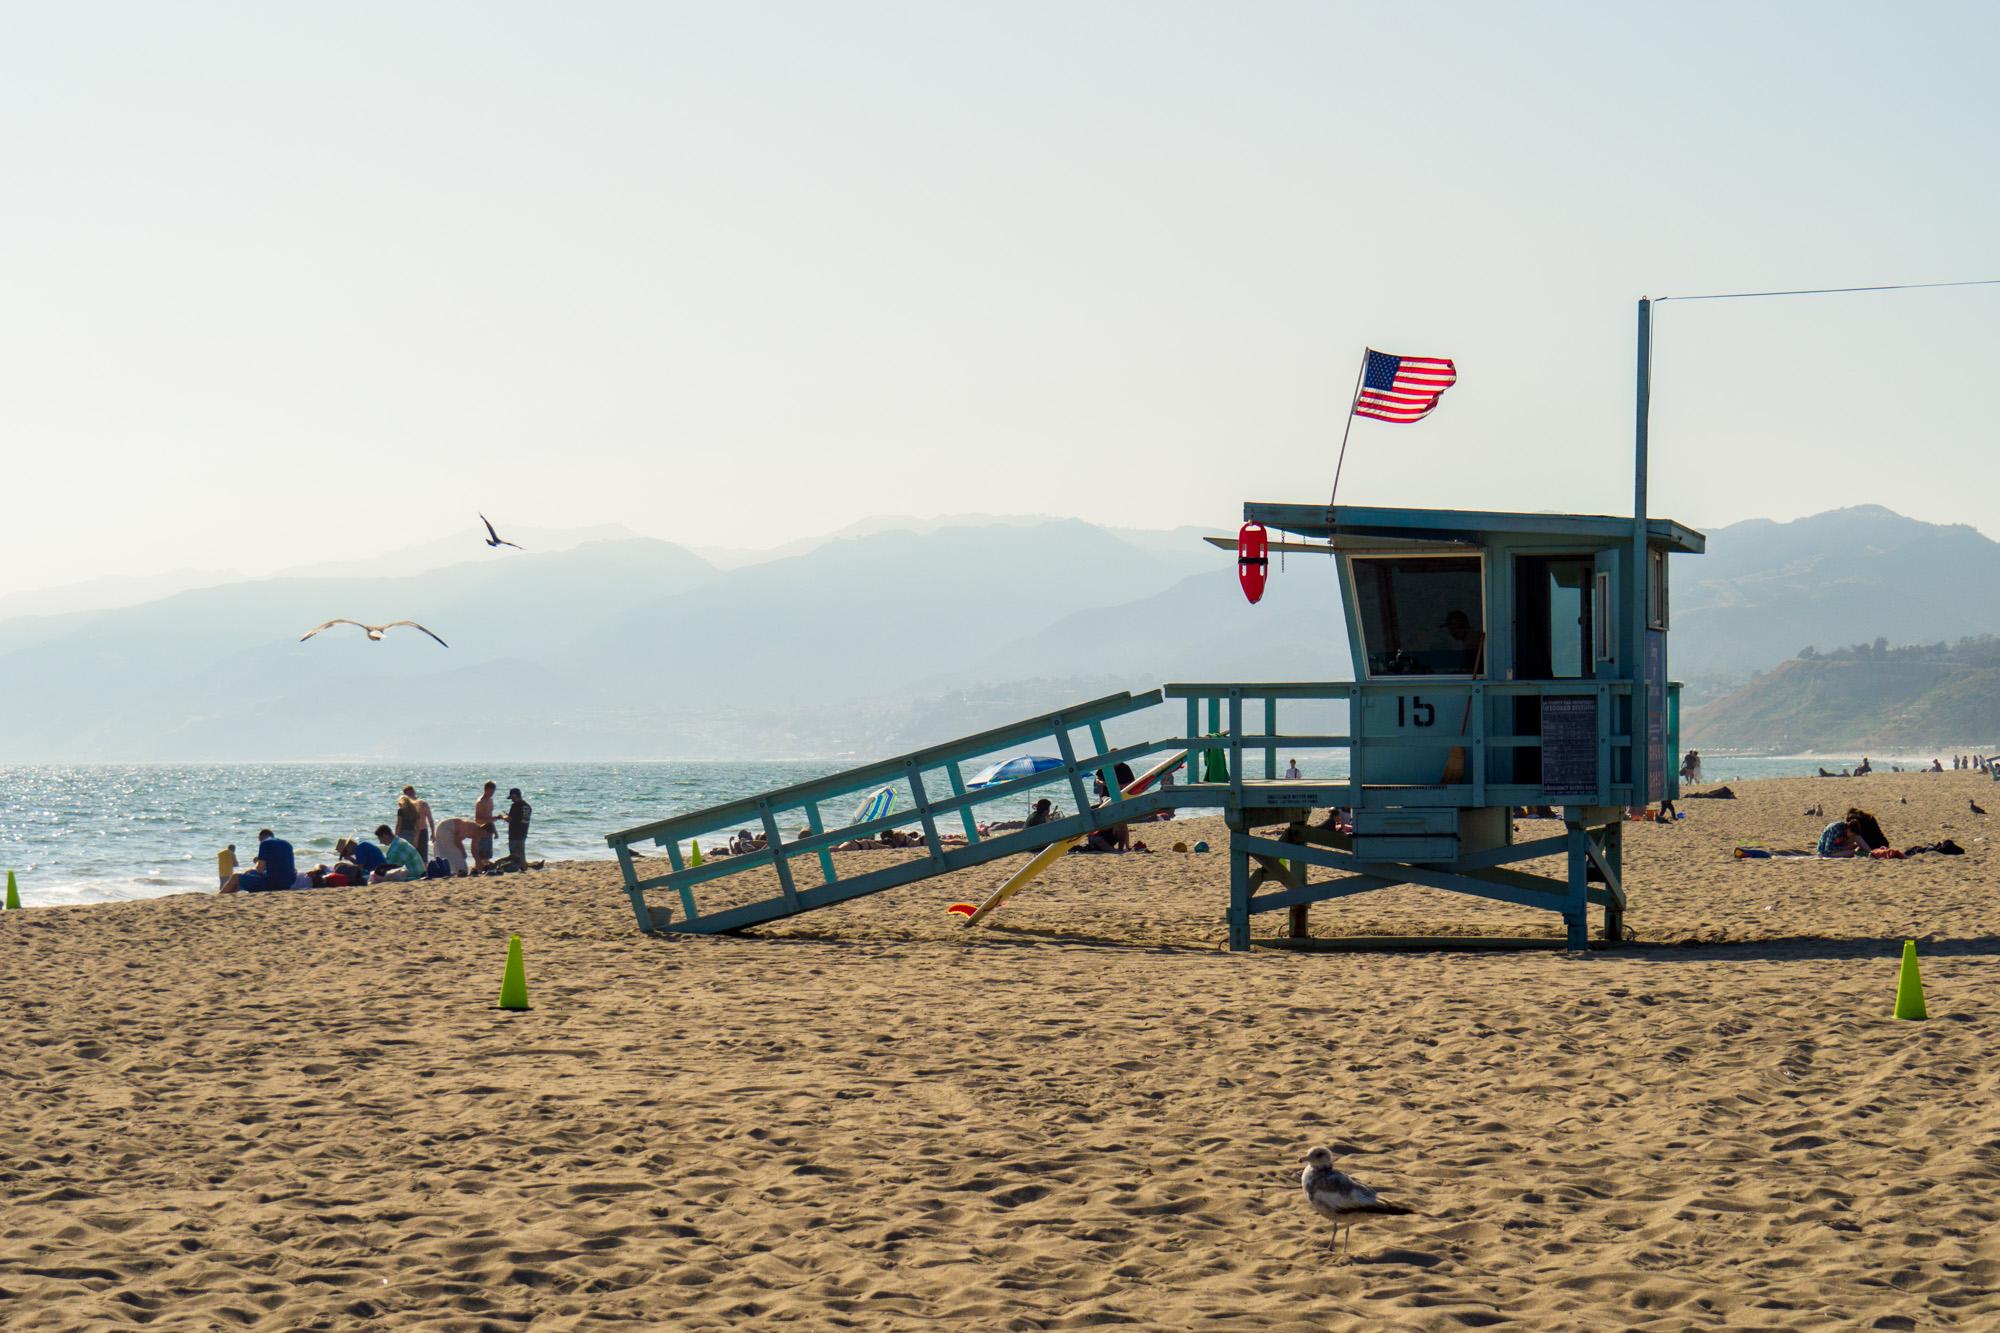 Los Angeles - Rettungsschwimmer-Häuschen am Santa Monica Beach